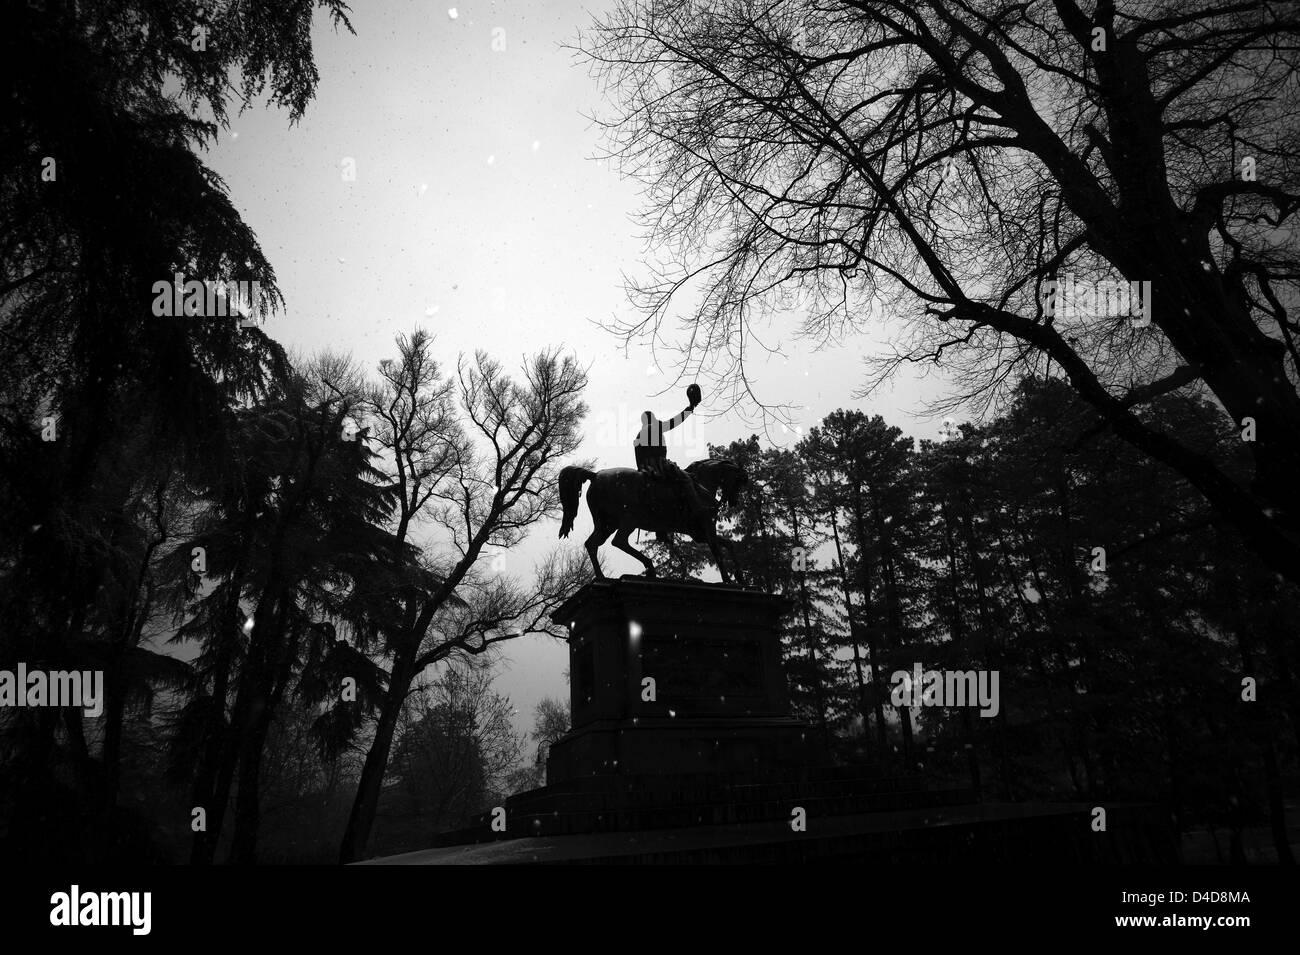 Milan. Le parc Sempione. Statue d'un homme à cheval Banque D'Images